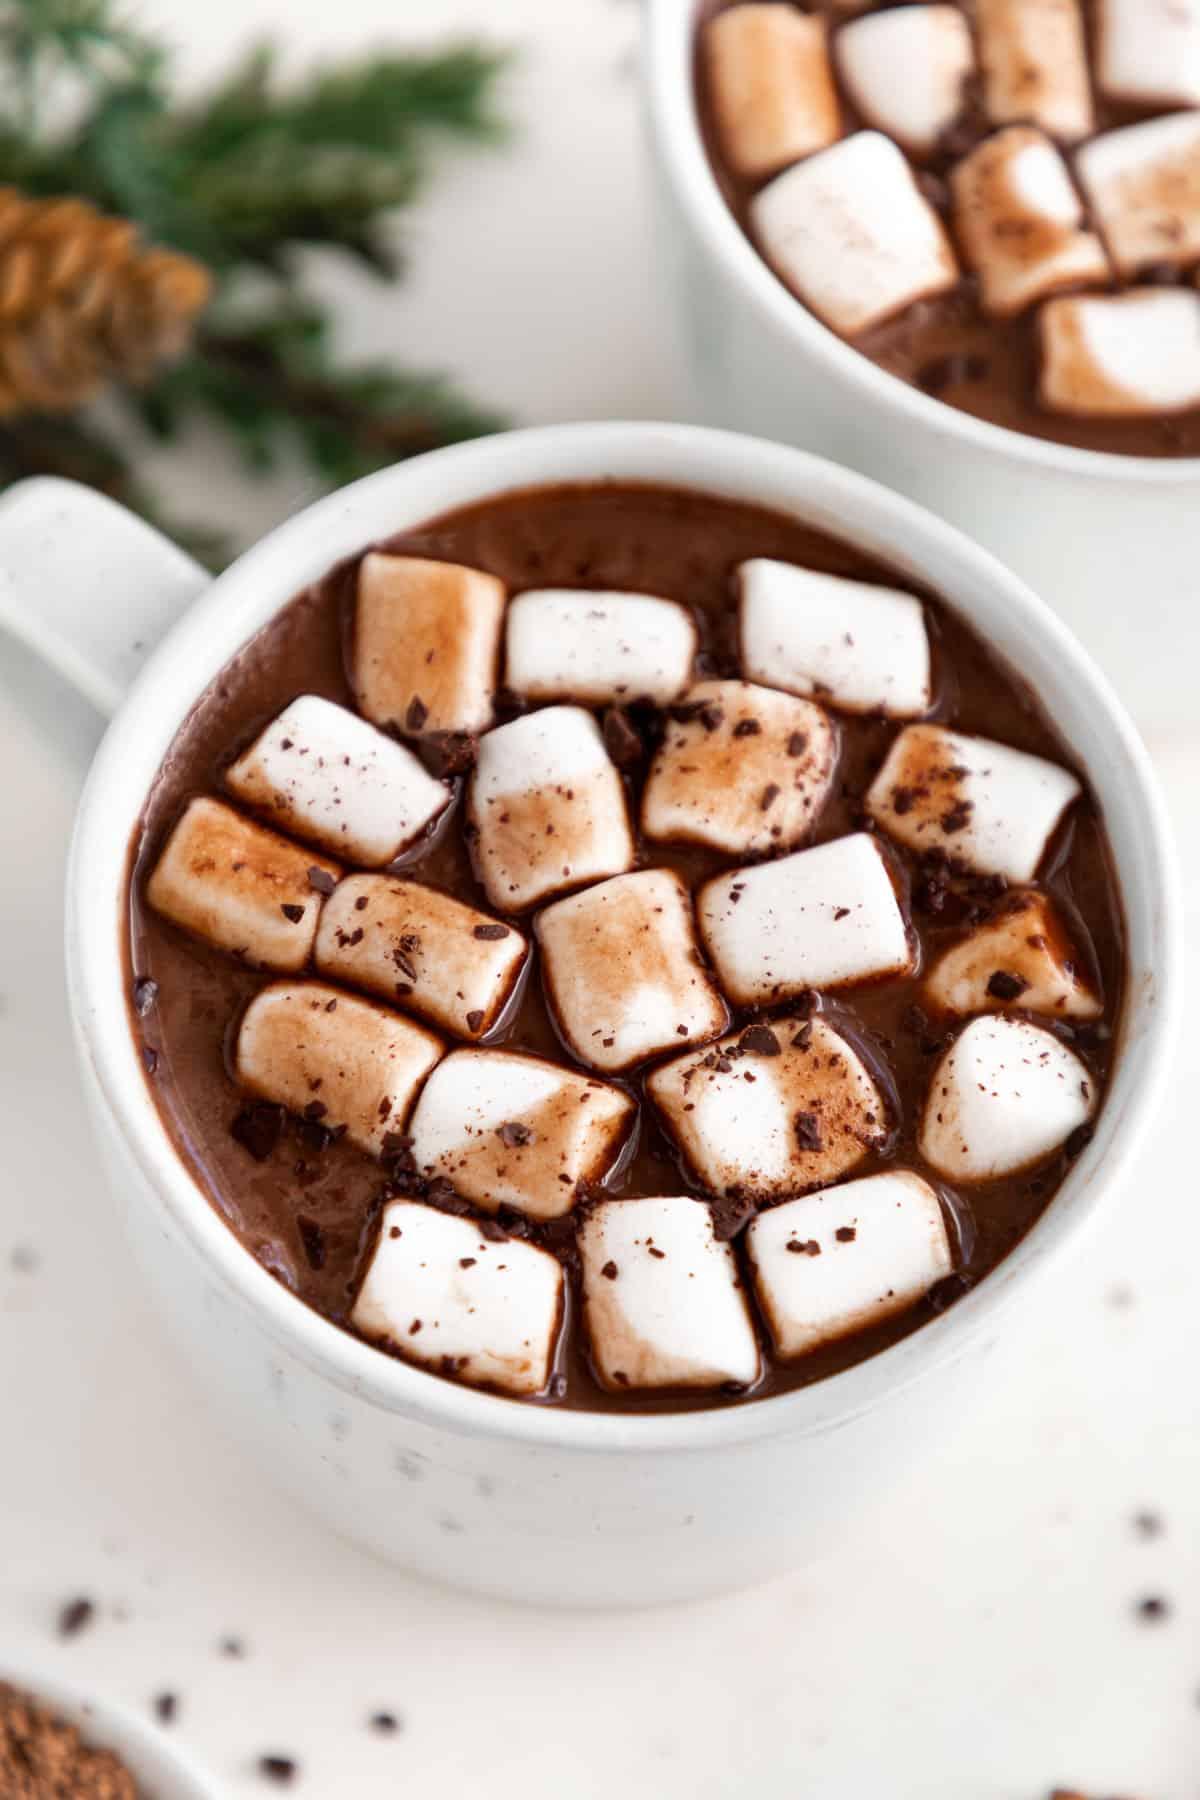 vegan hot cocoa and mini marshmallows inside a white ceramic mug